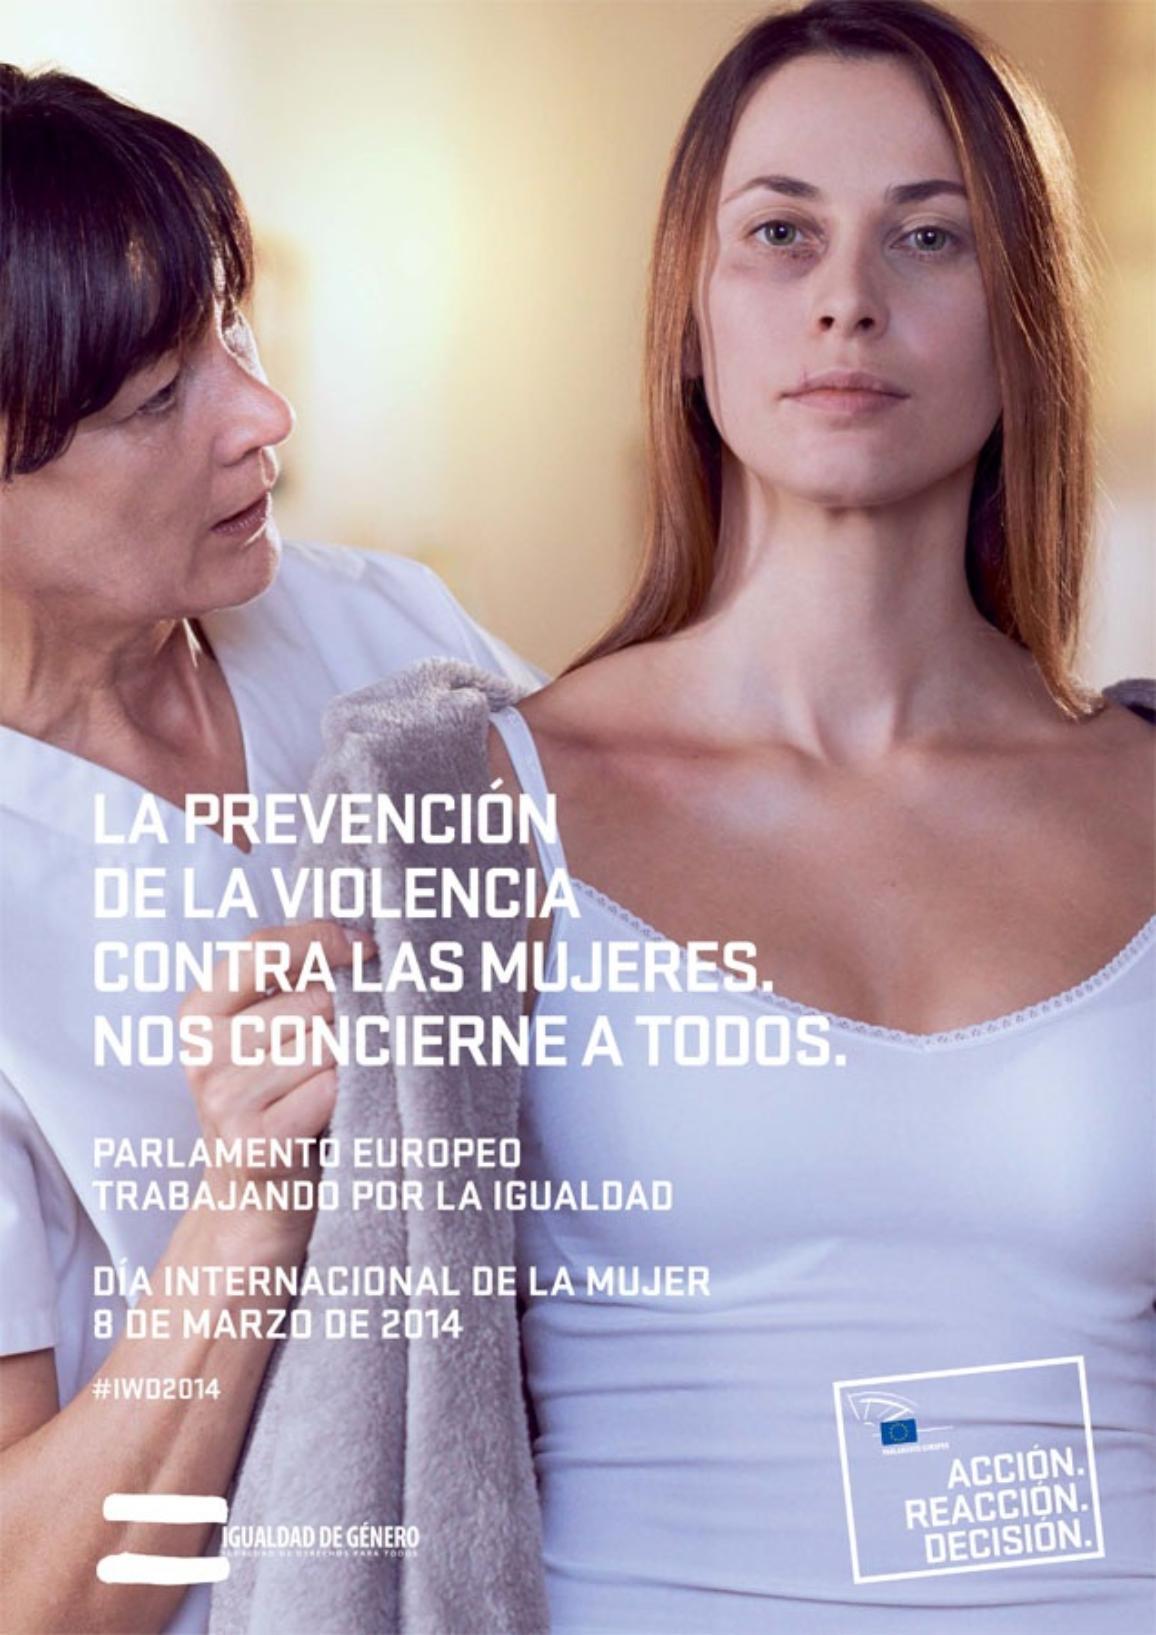 Póster del Parlamento Europeo sobre el Día Internacional de la Mujer, cuyo tema de este año es prevenir la violencia contra las mujeres.